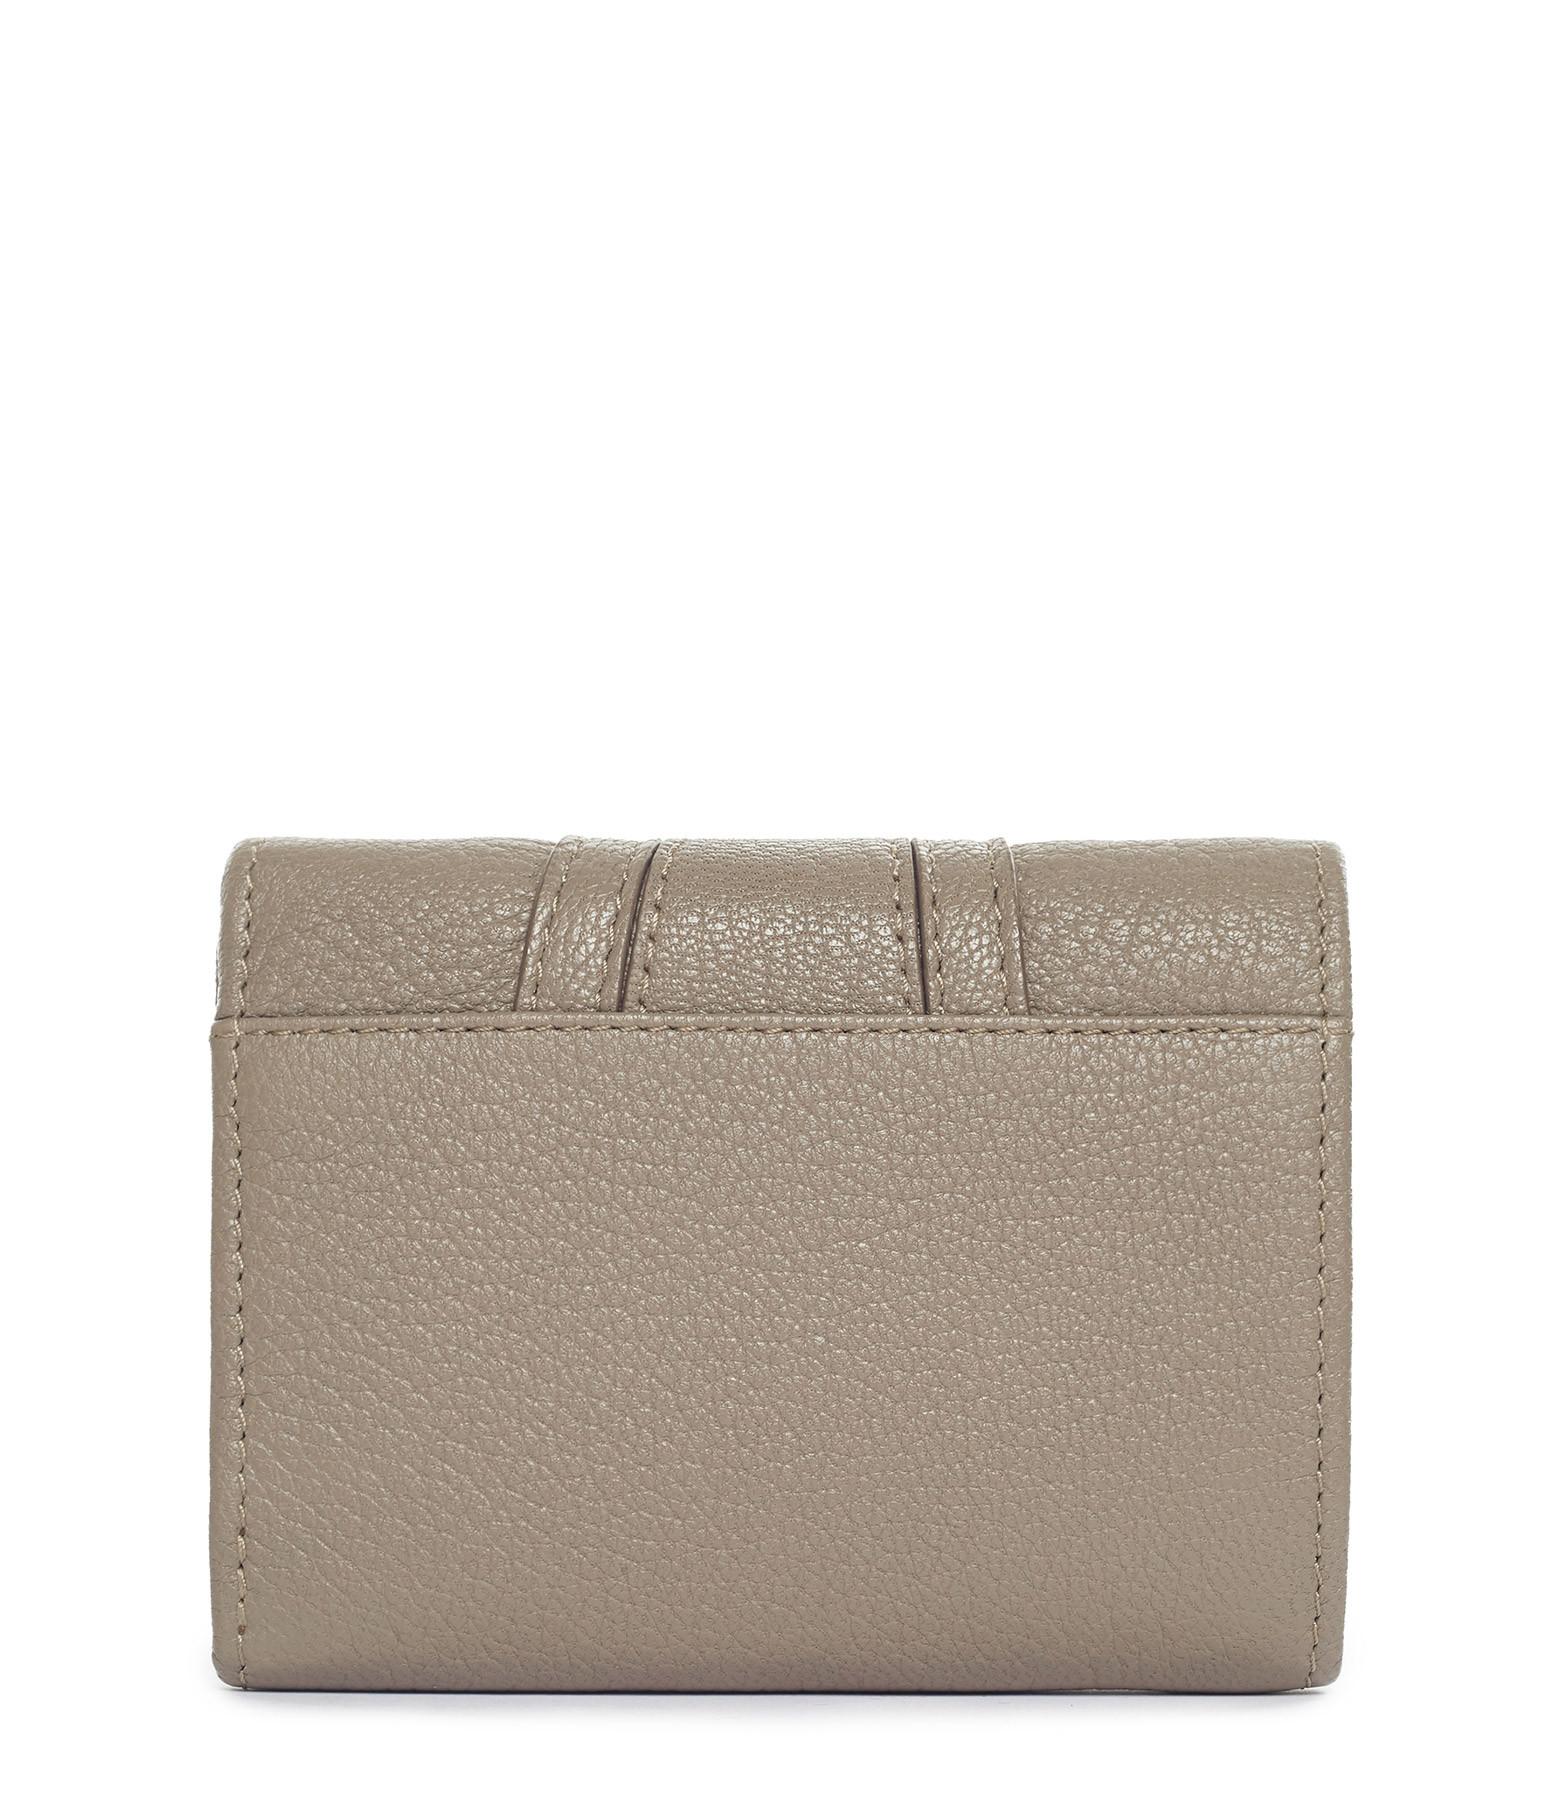 SEE BY CHLOE - Porte-monnaie Hana Cuir Motty Grey